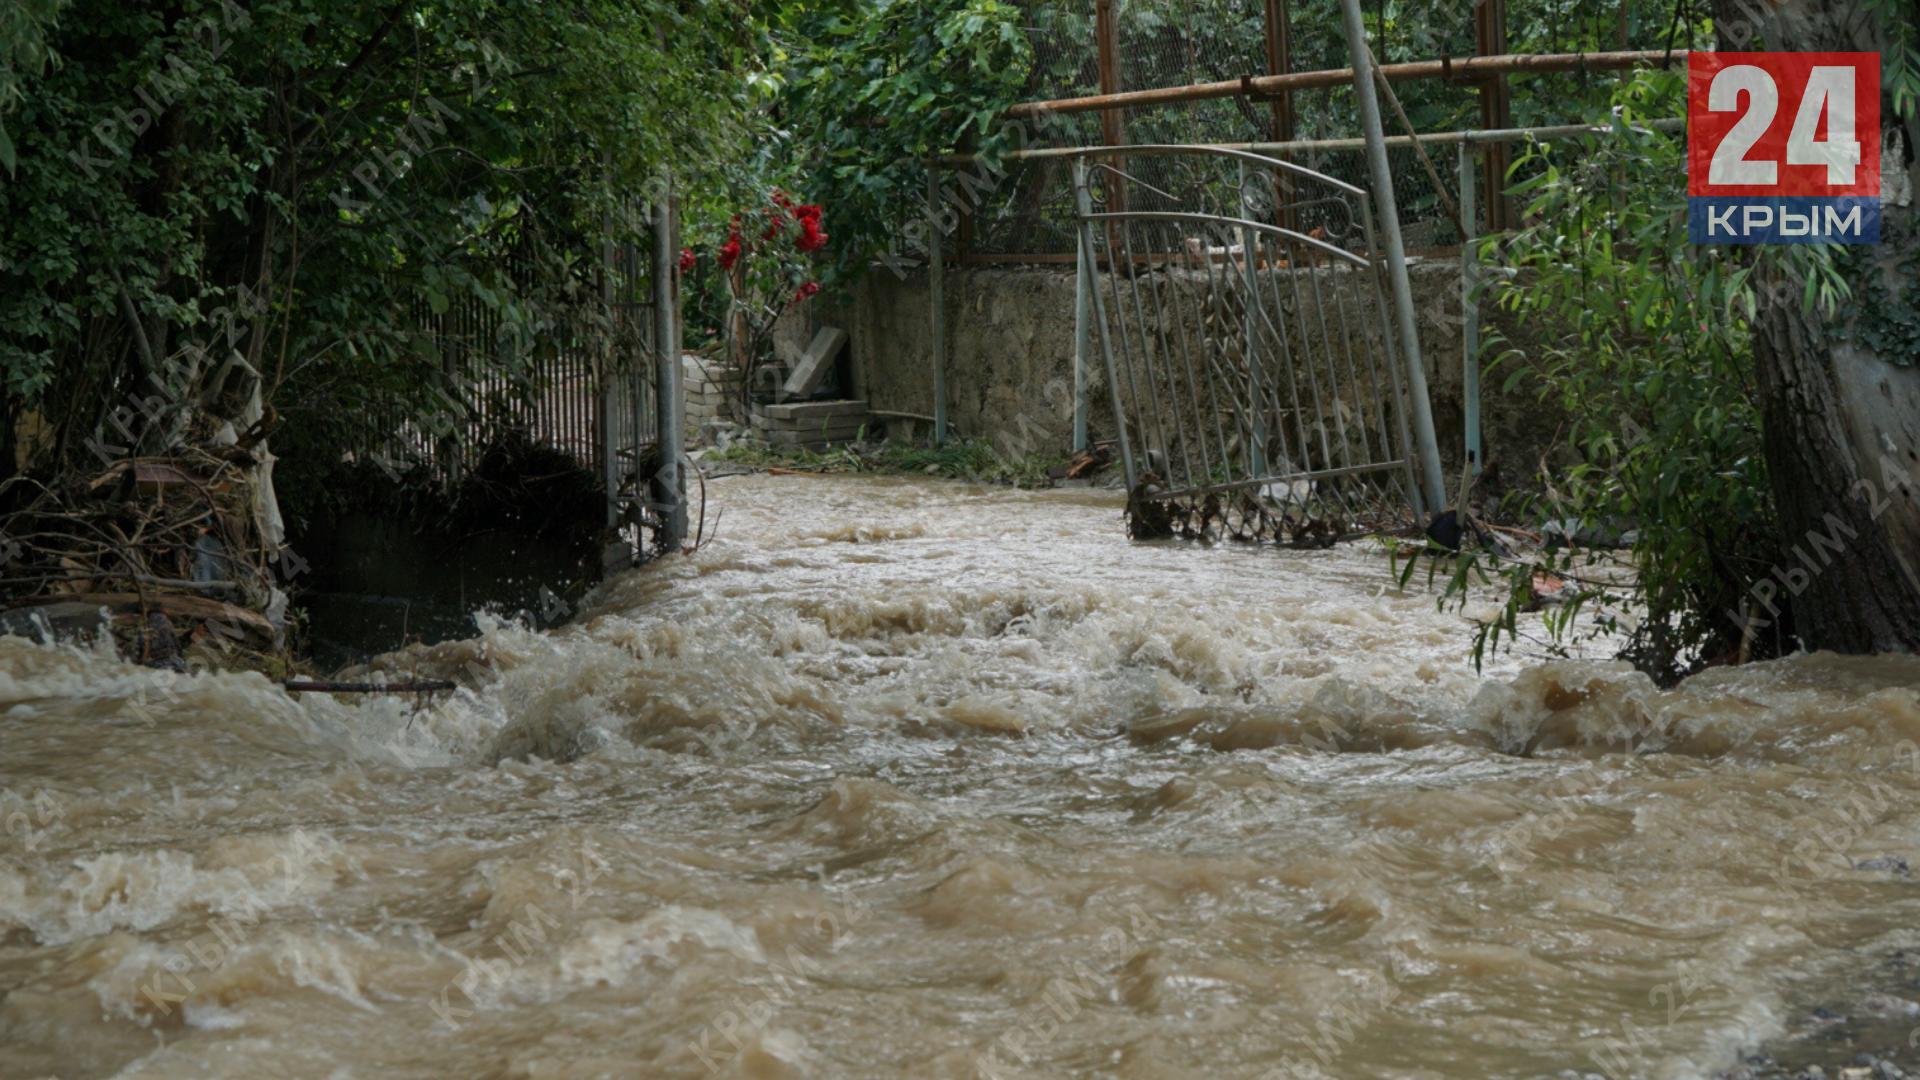 В Ялте на улице Вергасова устранили последствия потопа, - Павленко